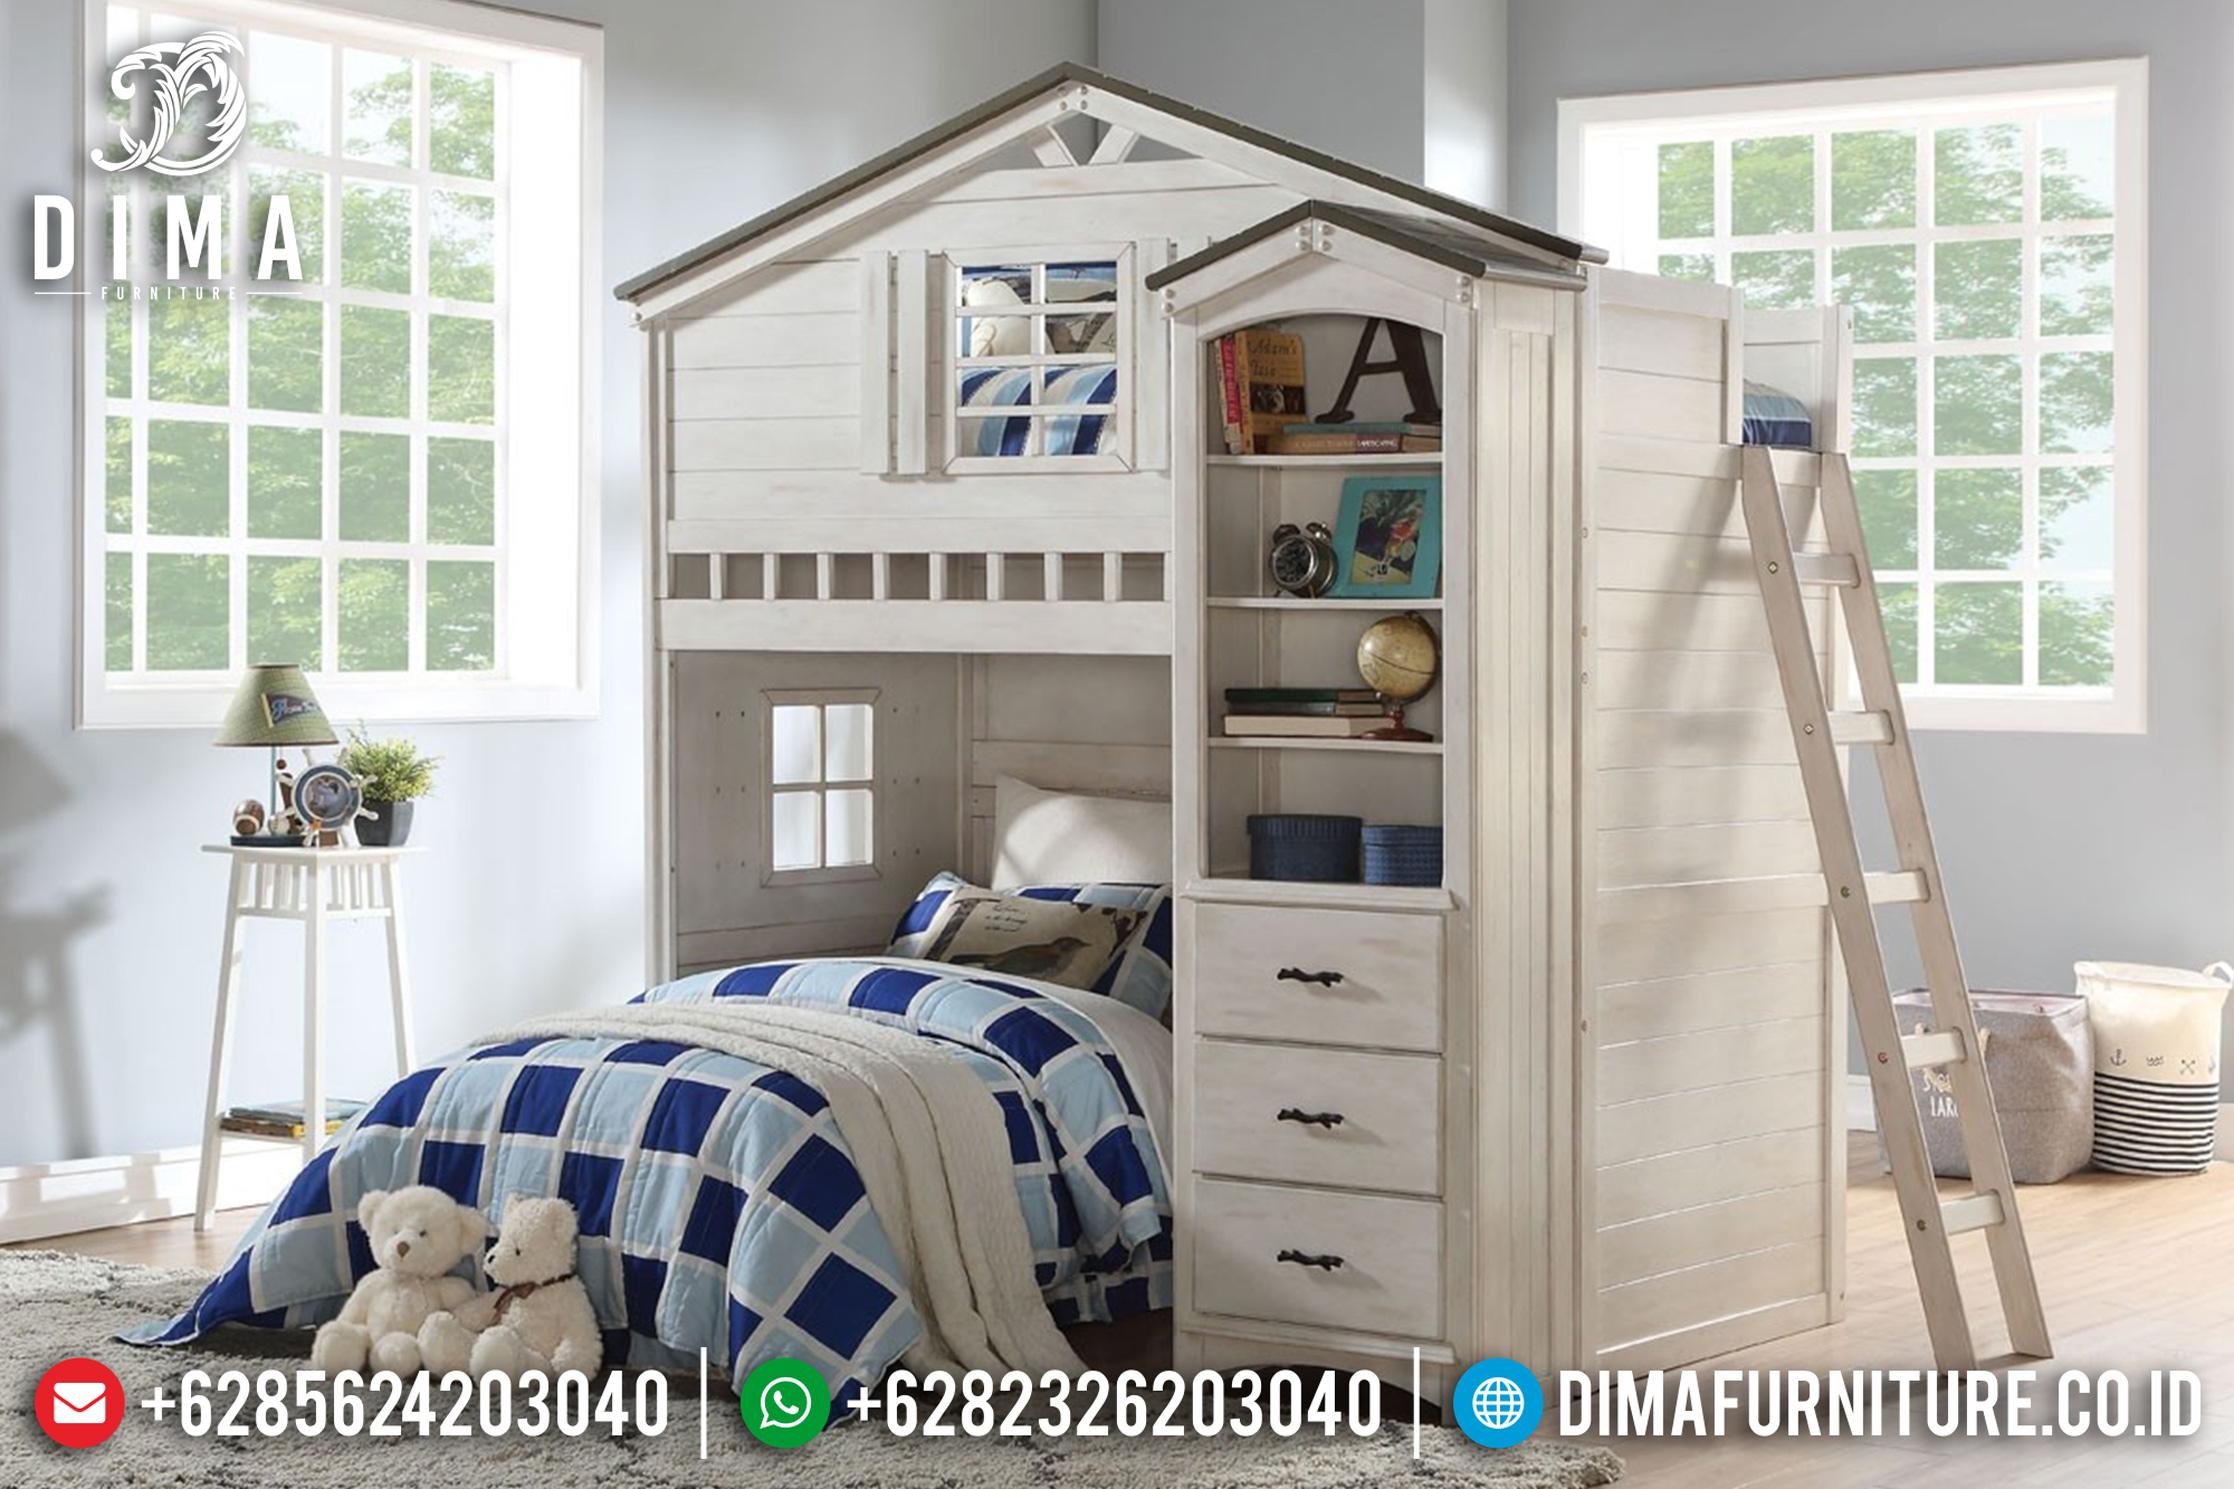 Tempat Tidur Minimalis Jepara, Tempat Tidur Tingkat, Tempat Tidur Anak Murah DF-0764